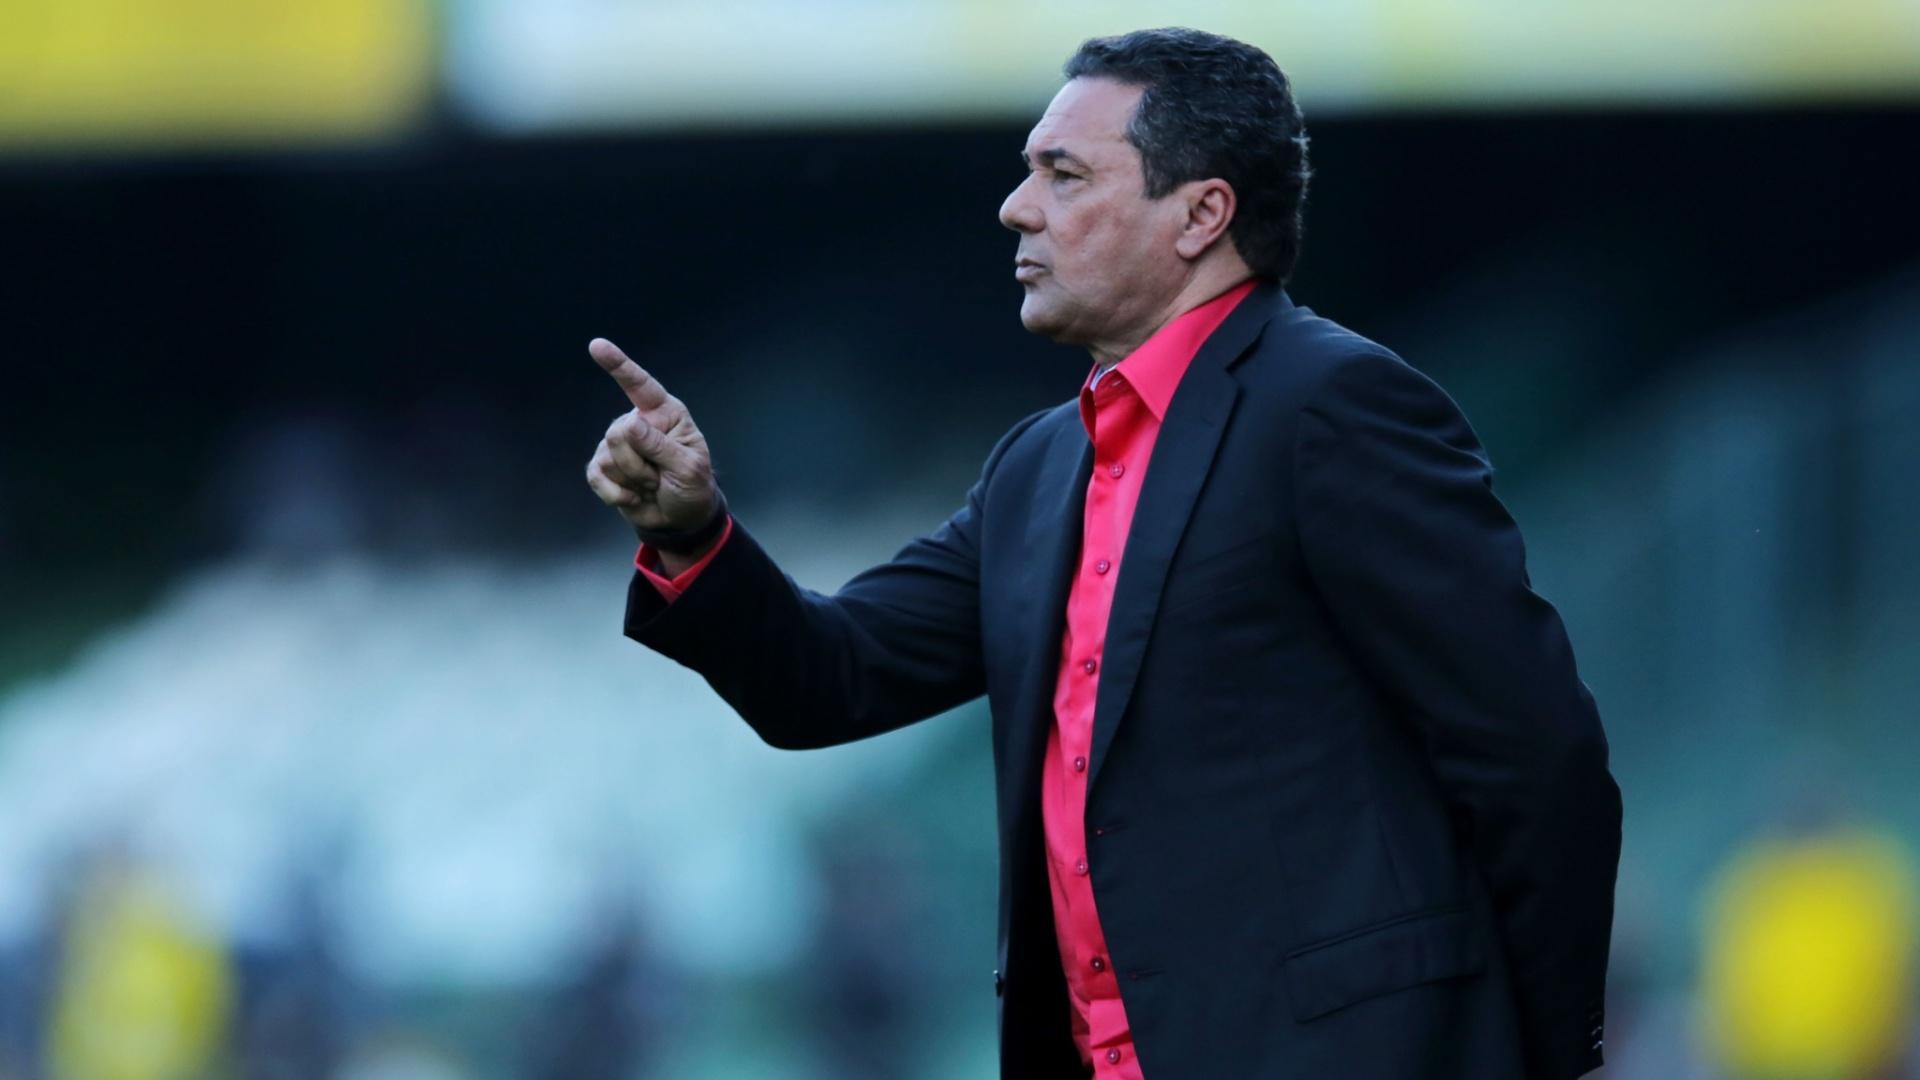 Vanderlei Luxemburgo, técnico do Flamengo, orienta seus jogadores na partida contra o Coritiba